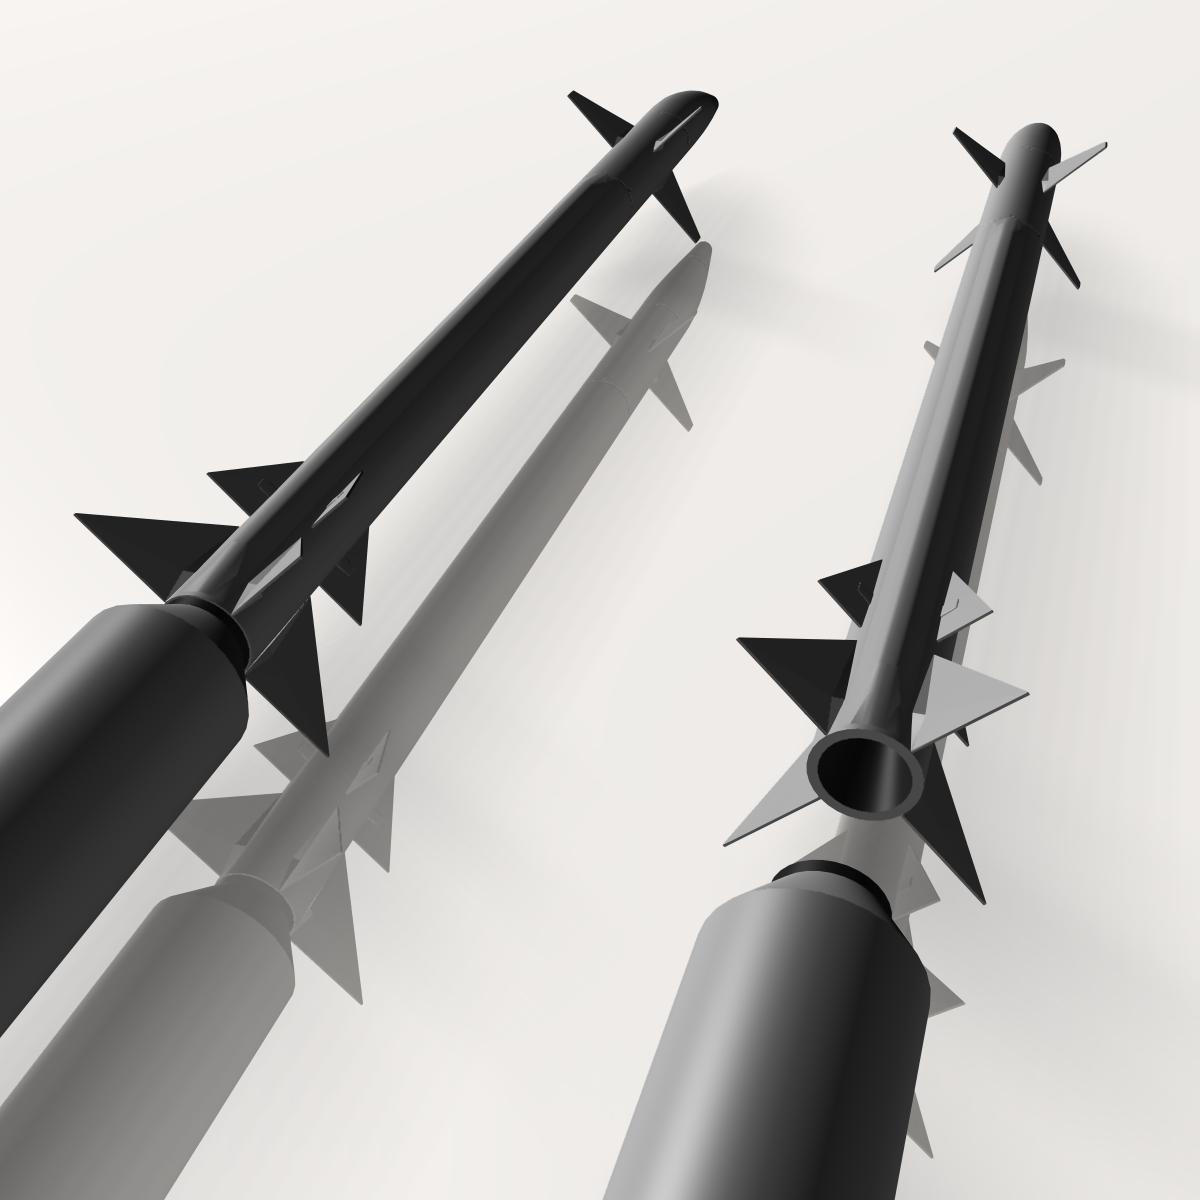 israeli stunner missile 3d model 3ds dxf cob x obj 150547